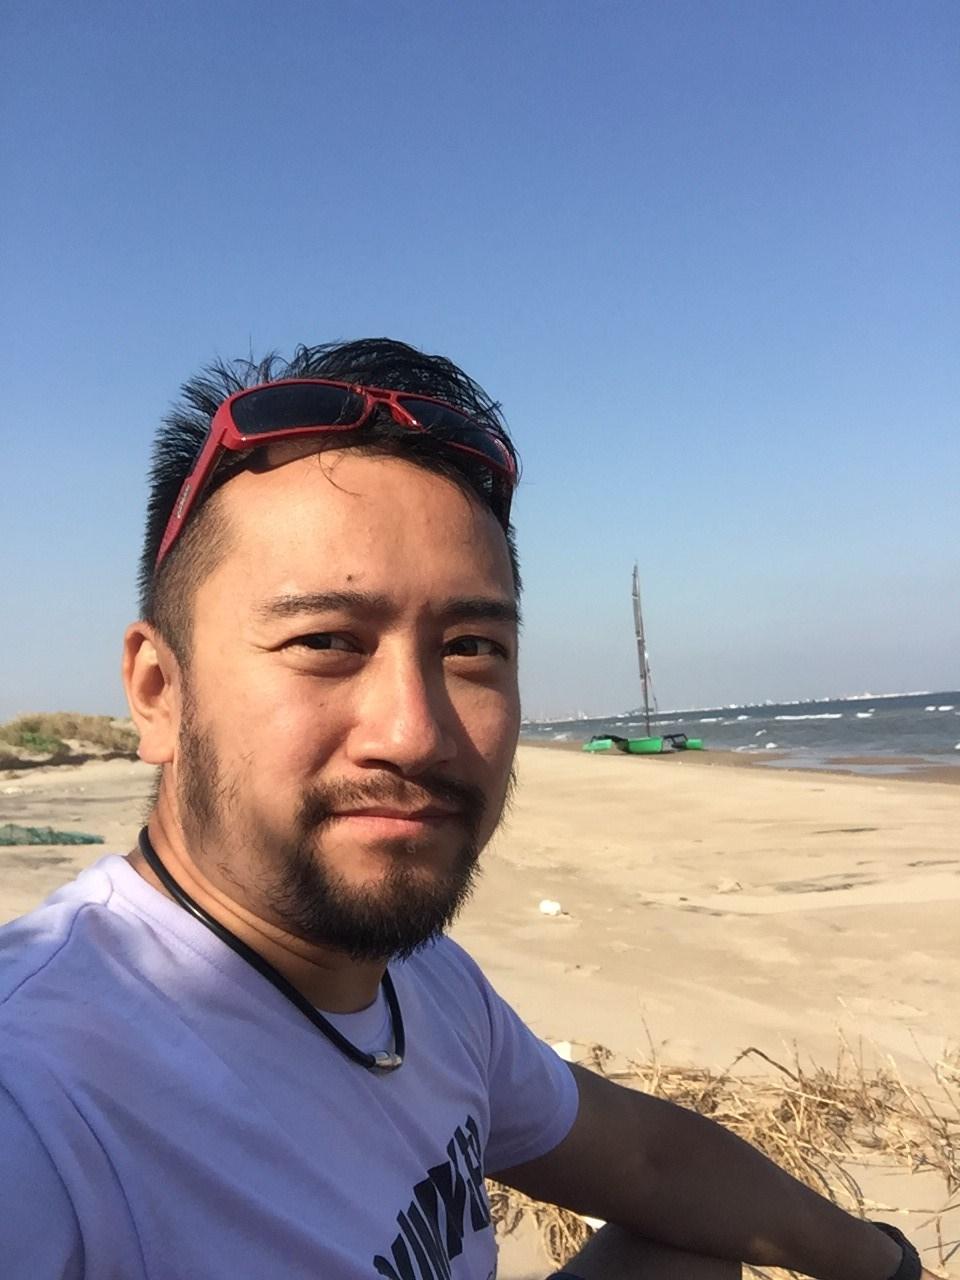 2018.8.28 周末百伦斯帆船初体验 3